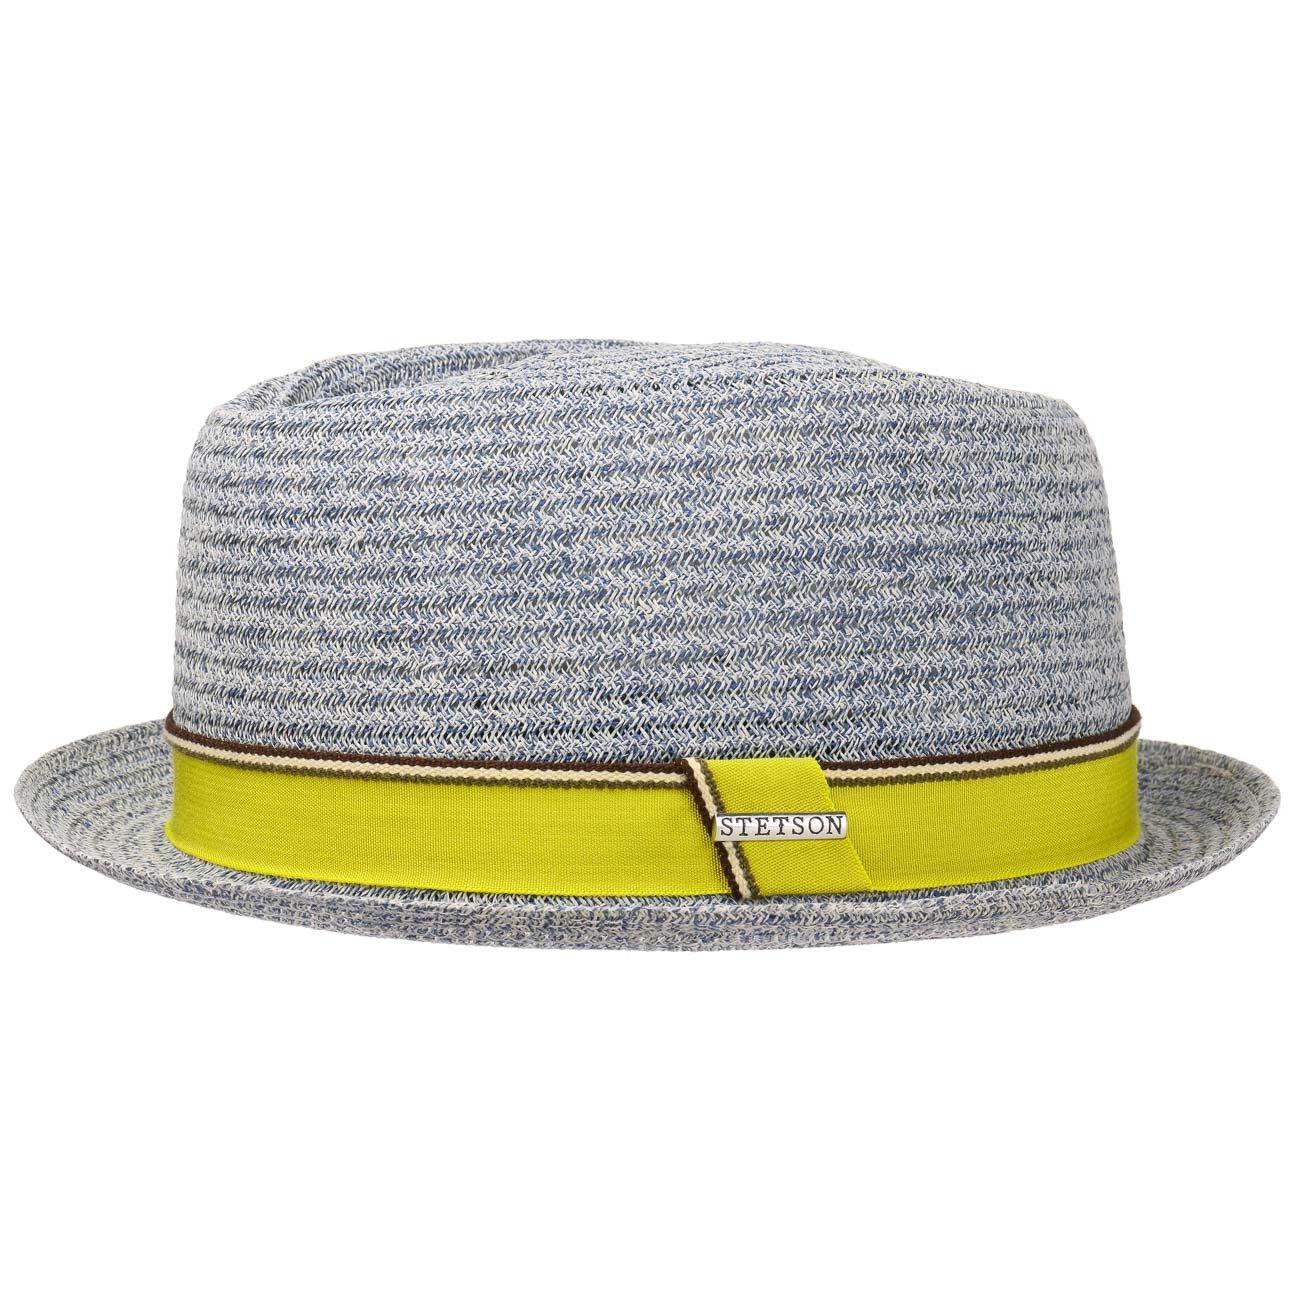 Stetson Cappello di Paglia Collano Toyo Uomo Cappelli da Spiaggia Sole Fedora con Nastro in Grosgrain Primavera//Estate